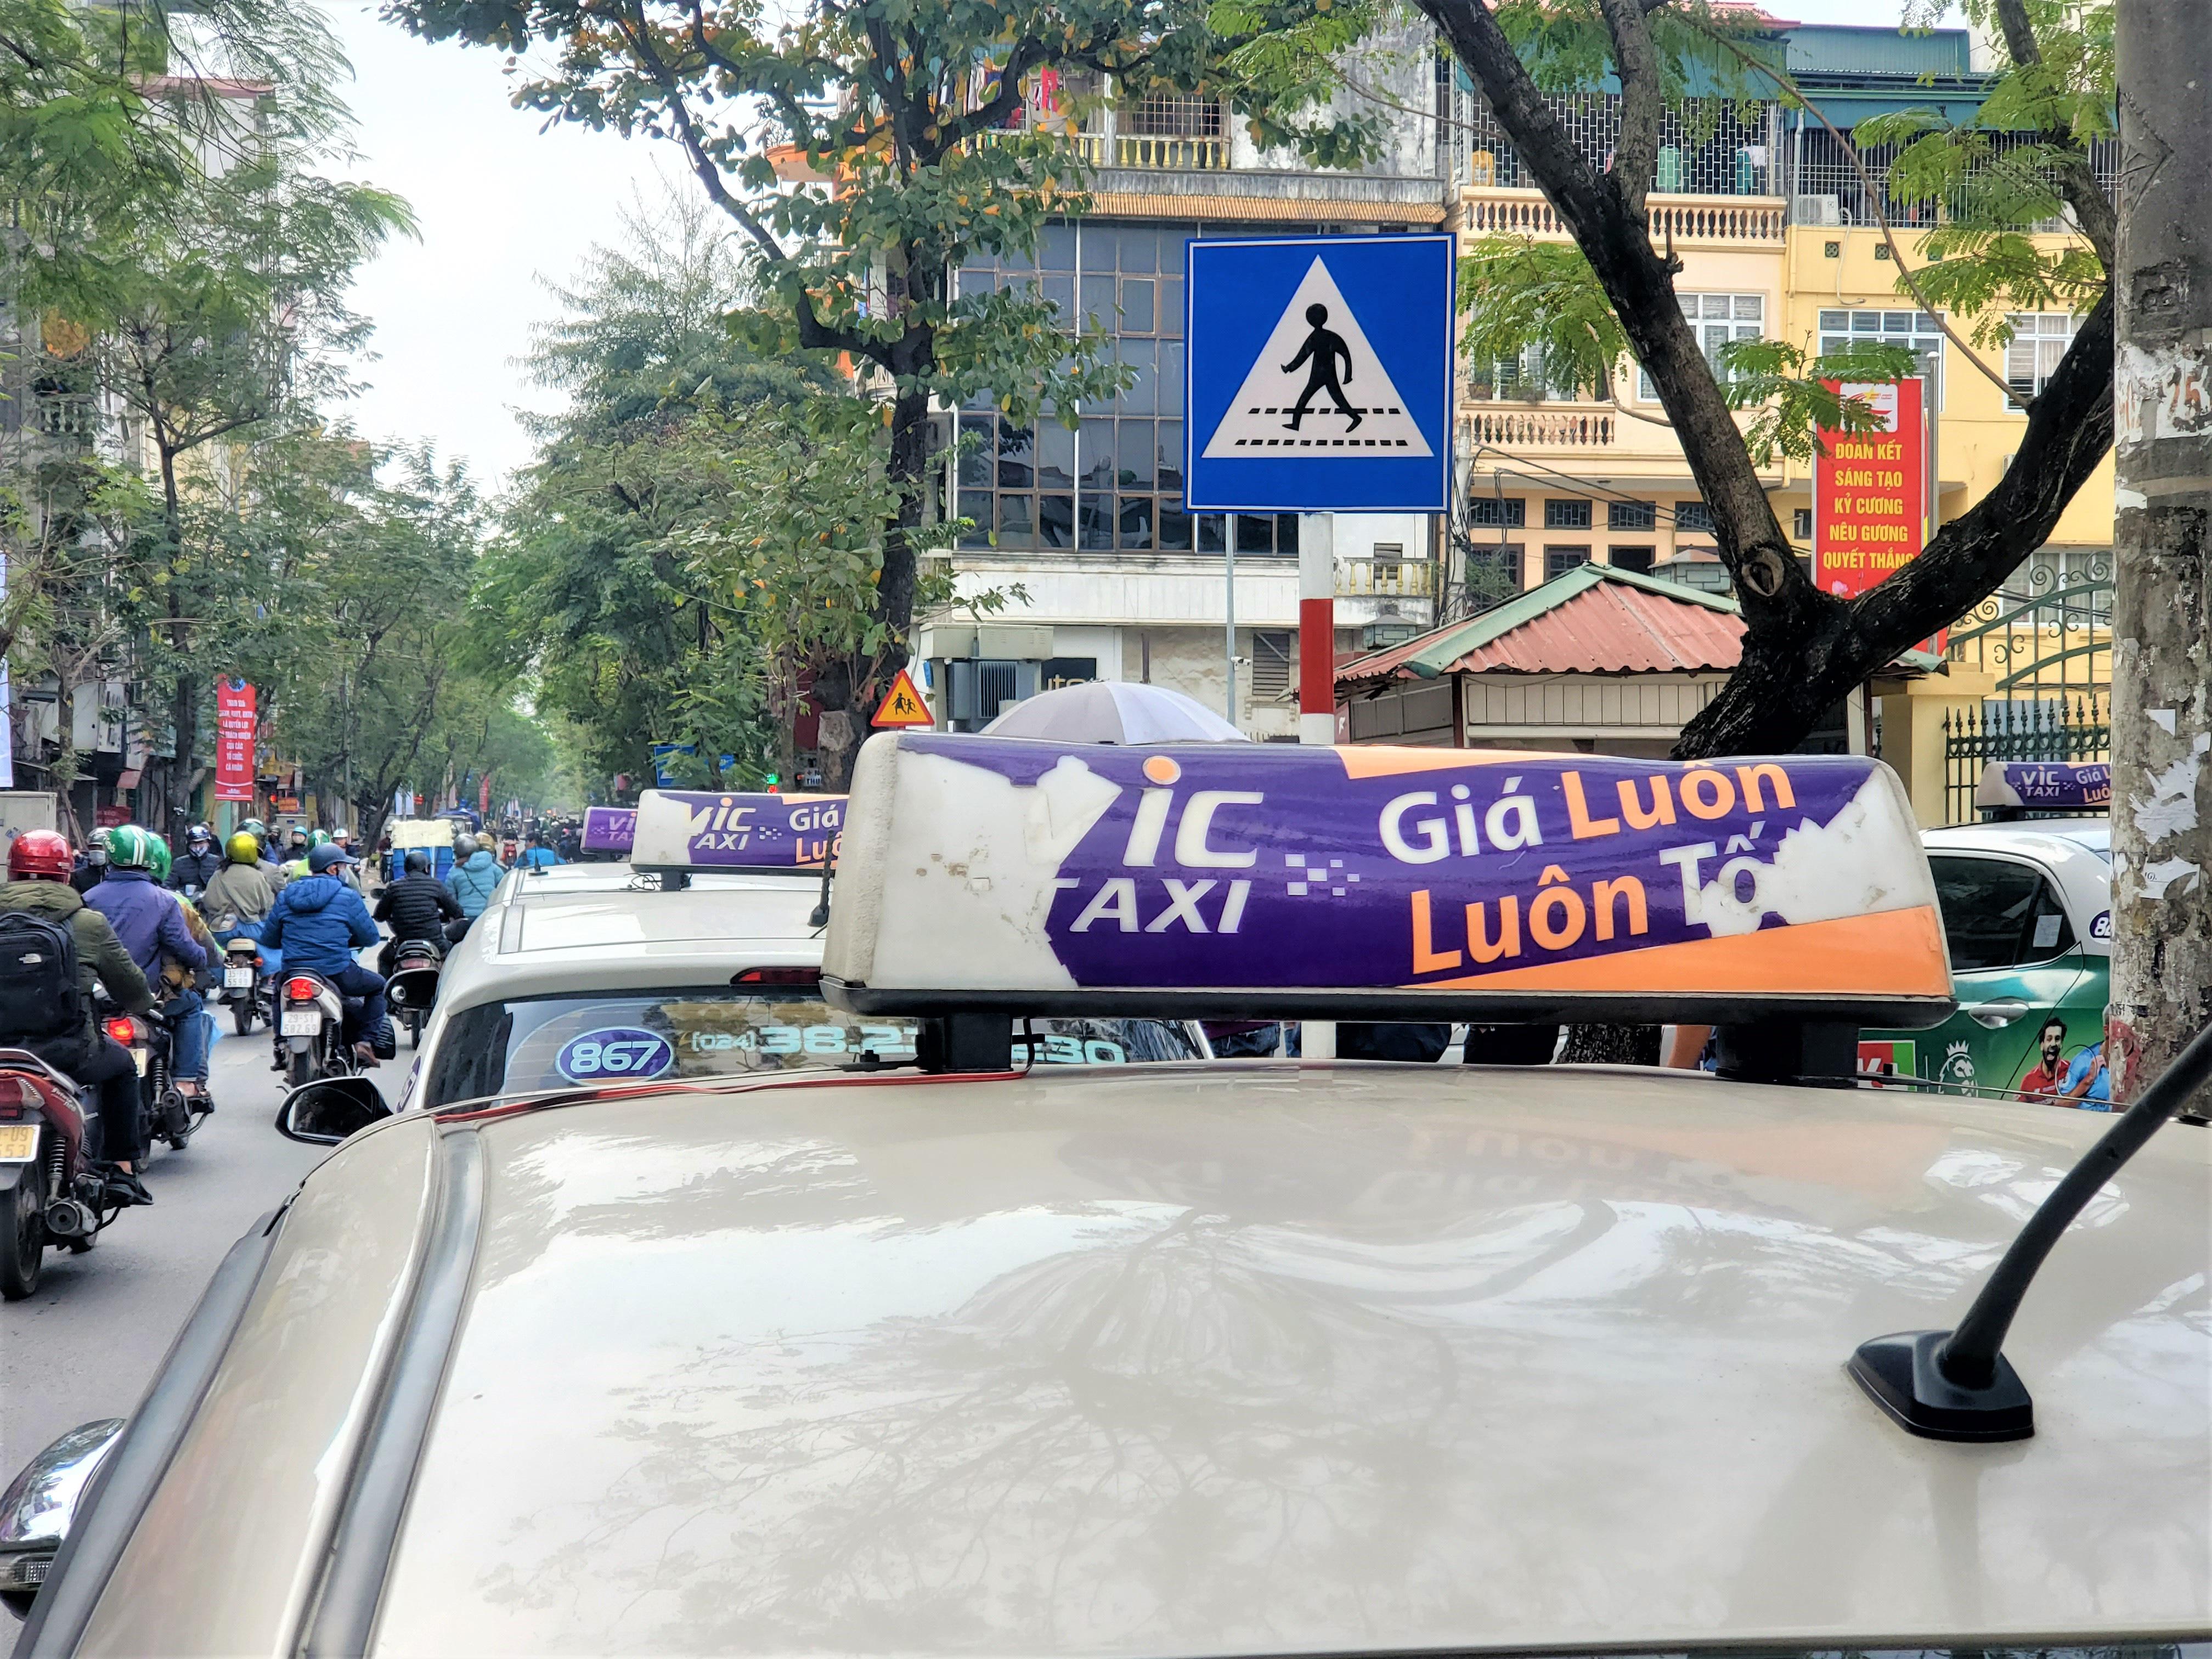 Tài xế Vic Taxi tắt đàm, bỏ làm kéo đến trụ sở hãng biểu tình - Ảnh 7.